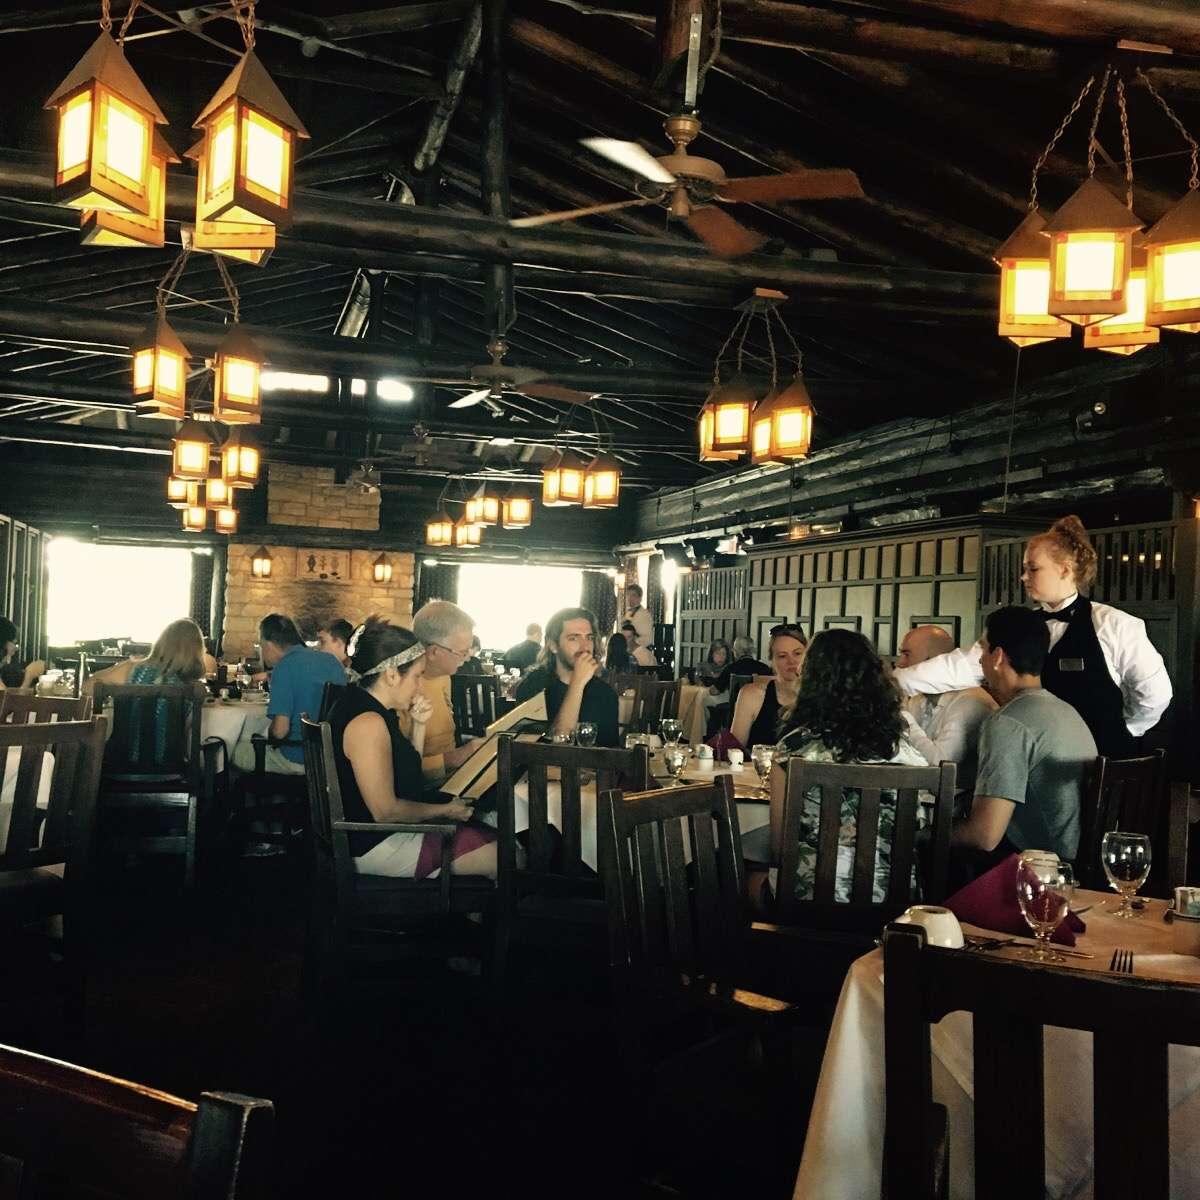 El Tovar Dining Room At Hotel, El Tovar Dining Room